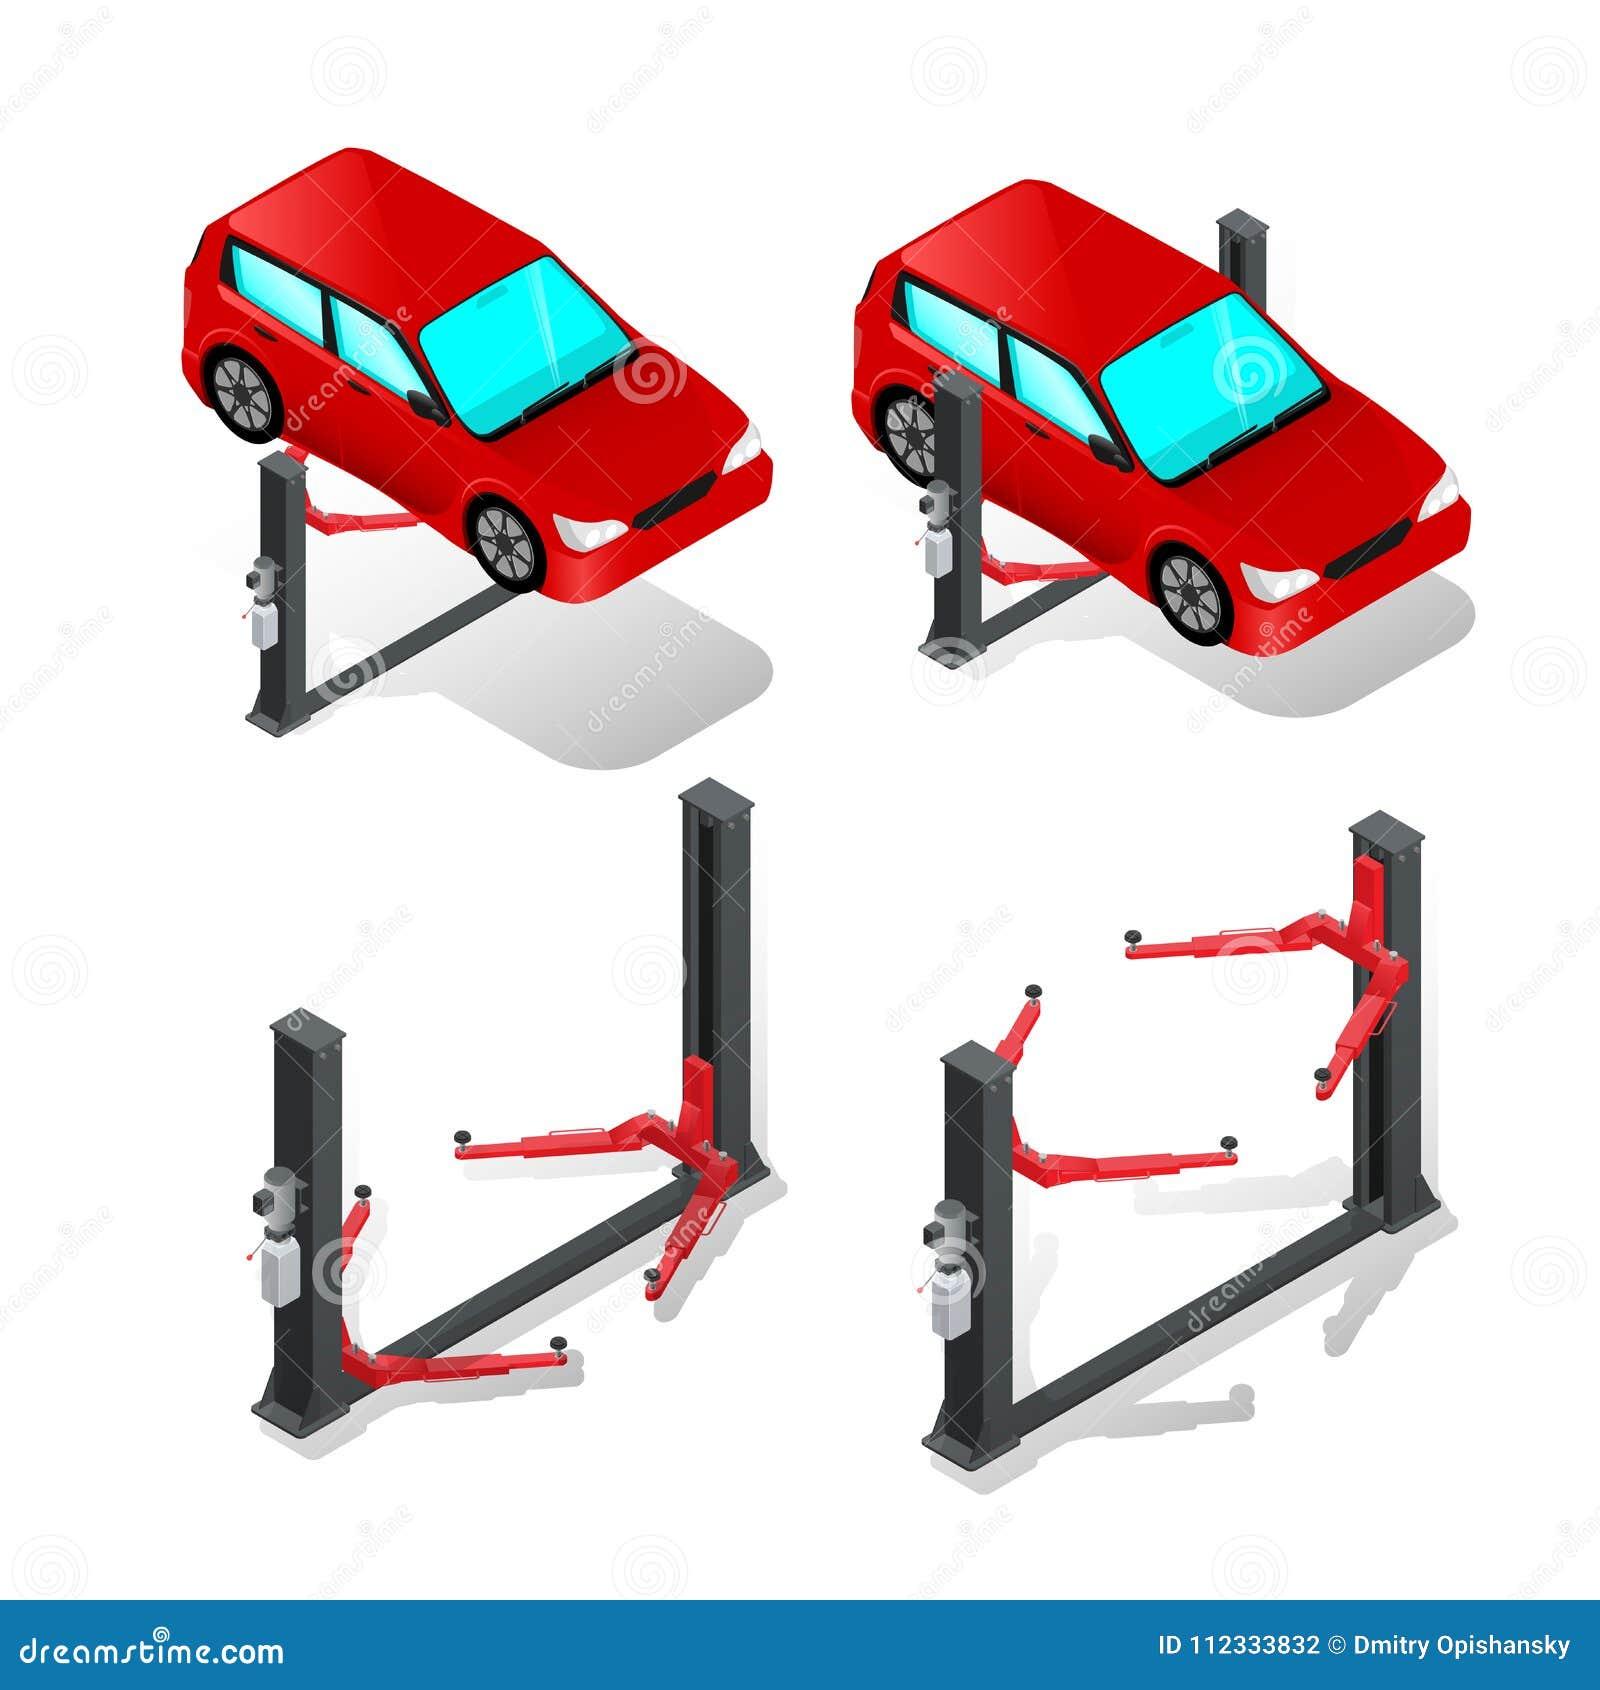 Ανελκυστήρας αυτοκινήτων, συσκευή για το αυτοκίνητο στο εργαστήριο, επισκευή αυτοκινήτων